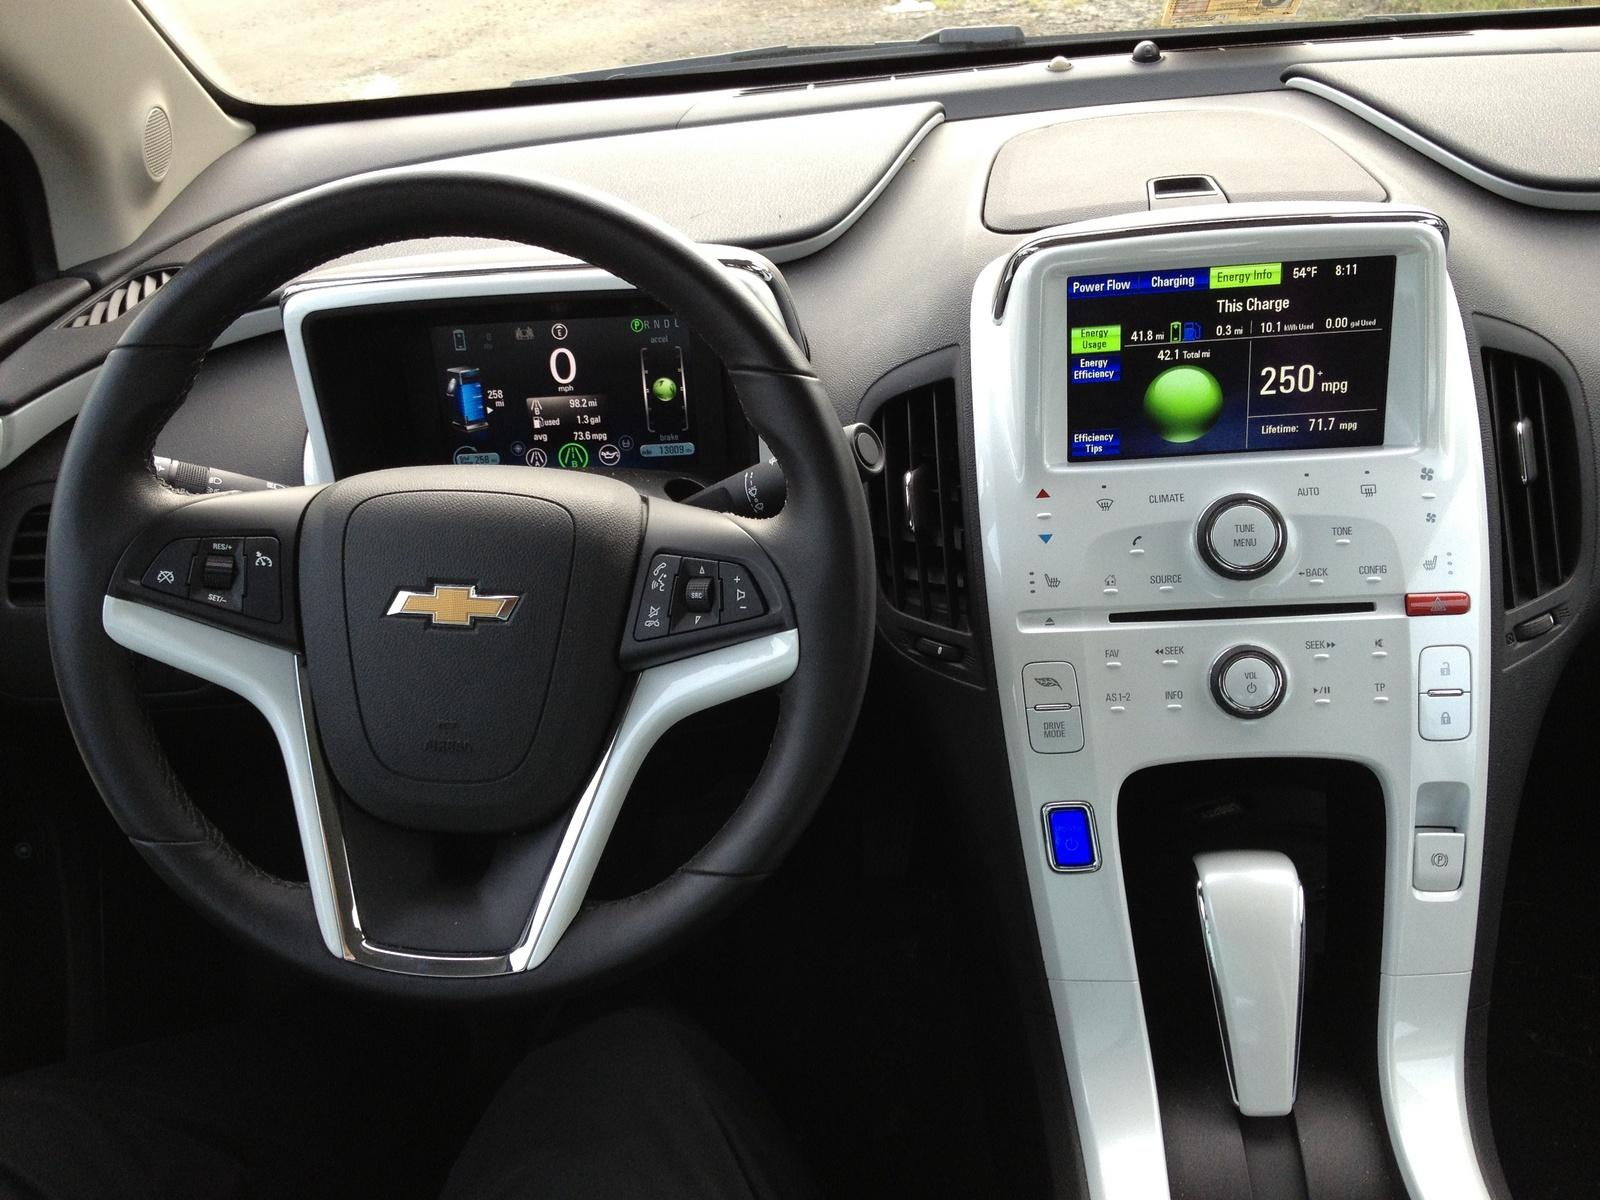 Used 2015 Tahoe >> 2012 Chevrolet Volt - Interior Pictures - CarGurus